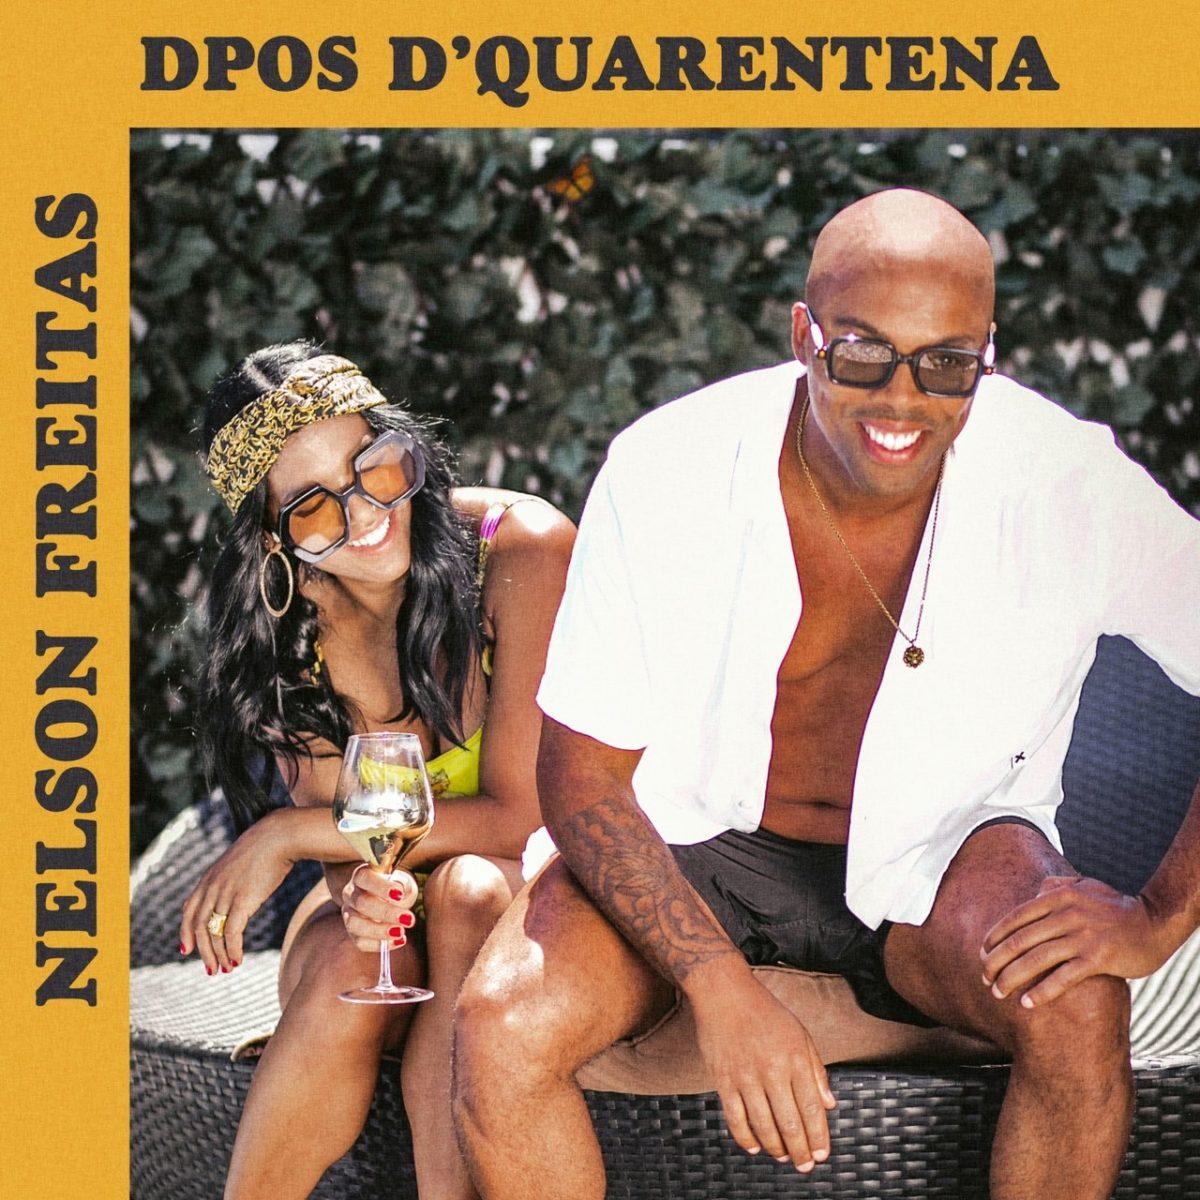 Nelson Freitas - Dpos D'quarentena (Cover)